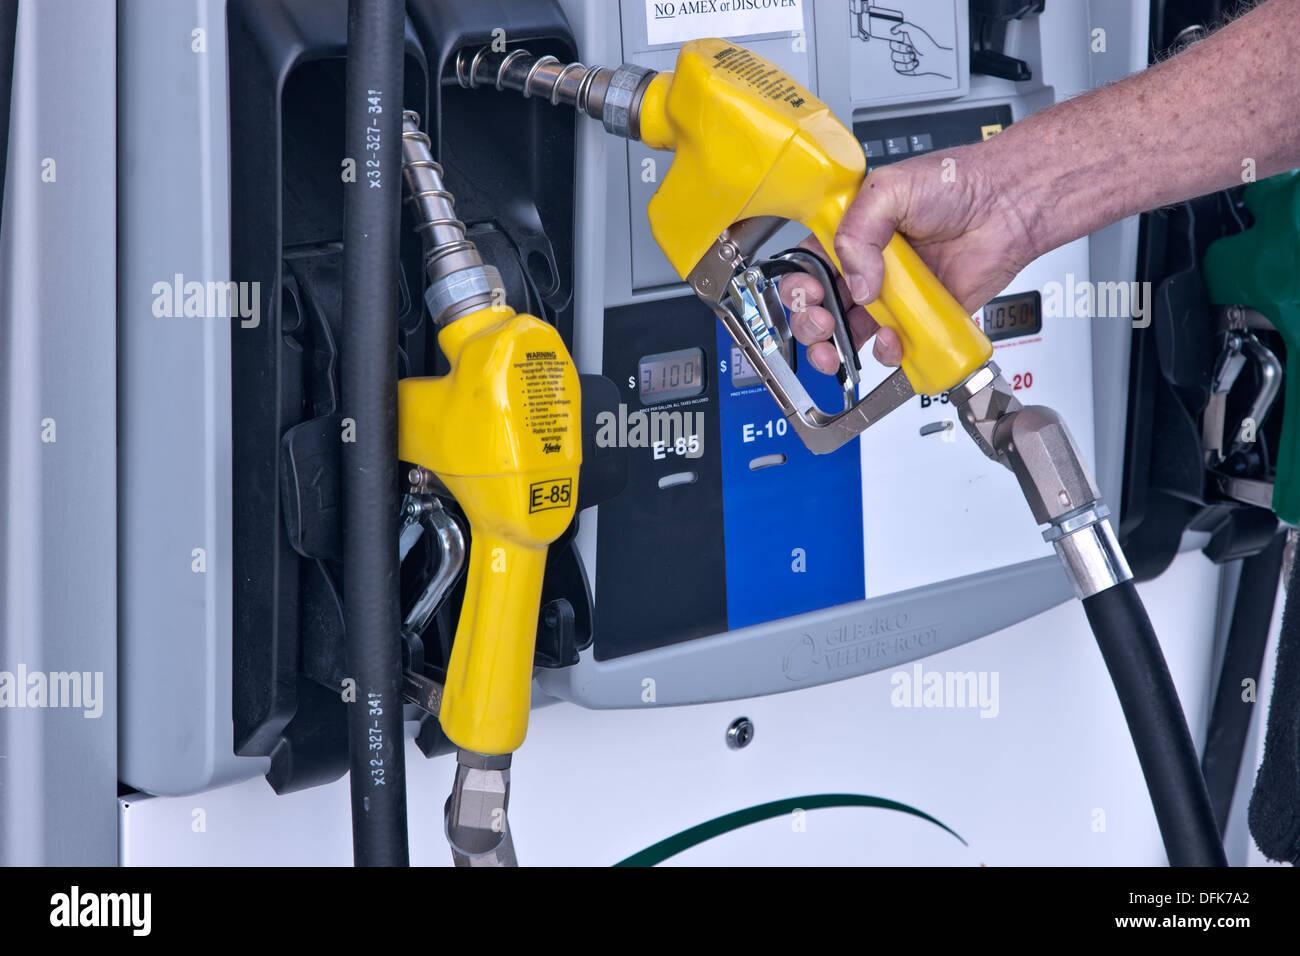 Bomba de mano de biocombustible, retirar la boquilla, estación de servicio. Foto de stock